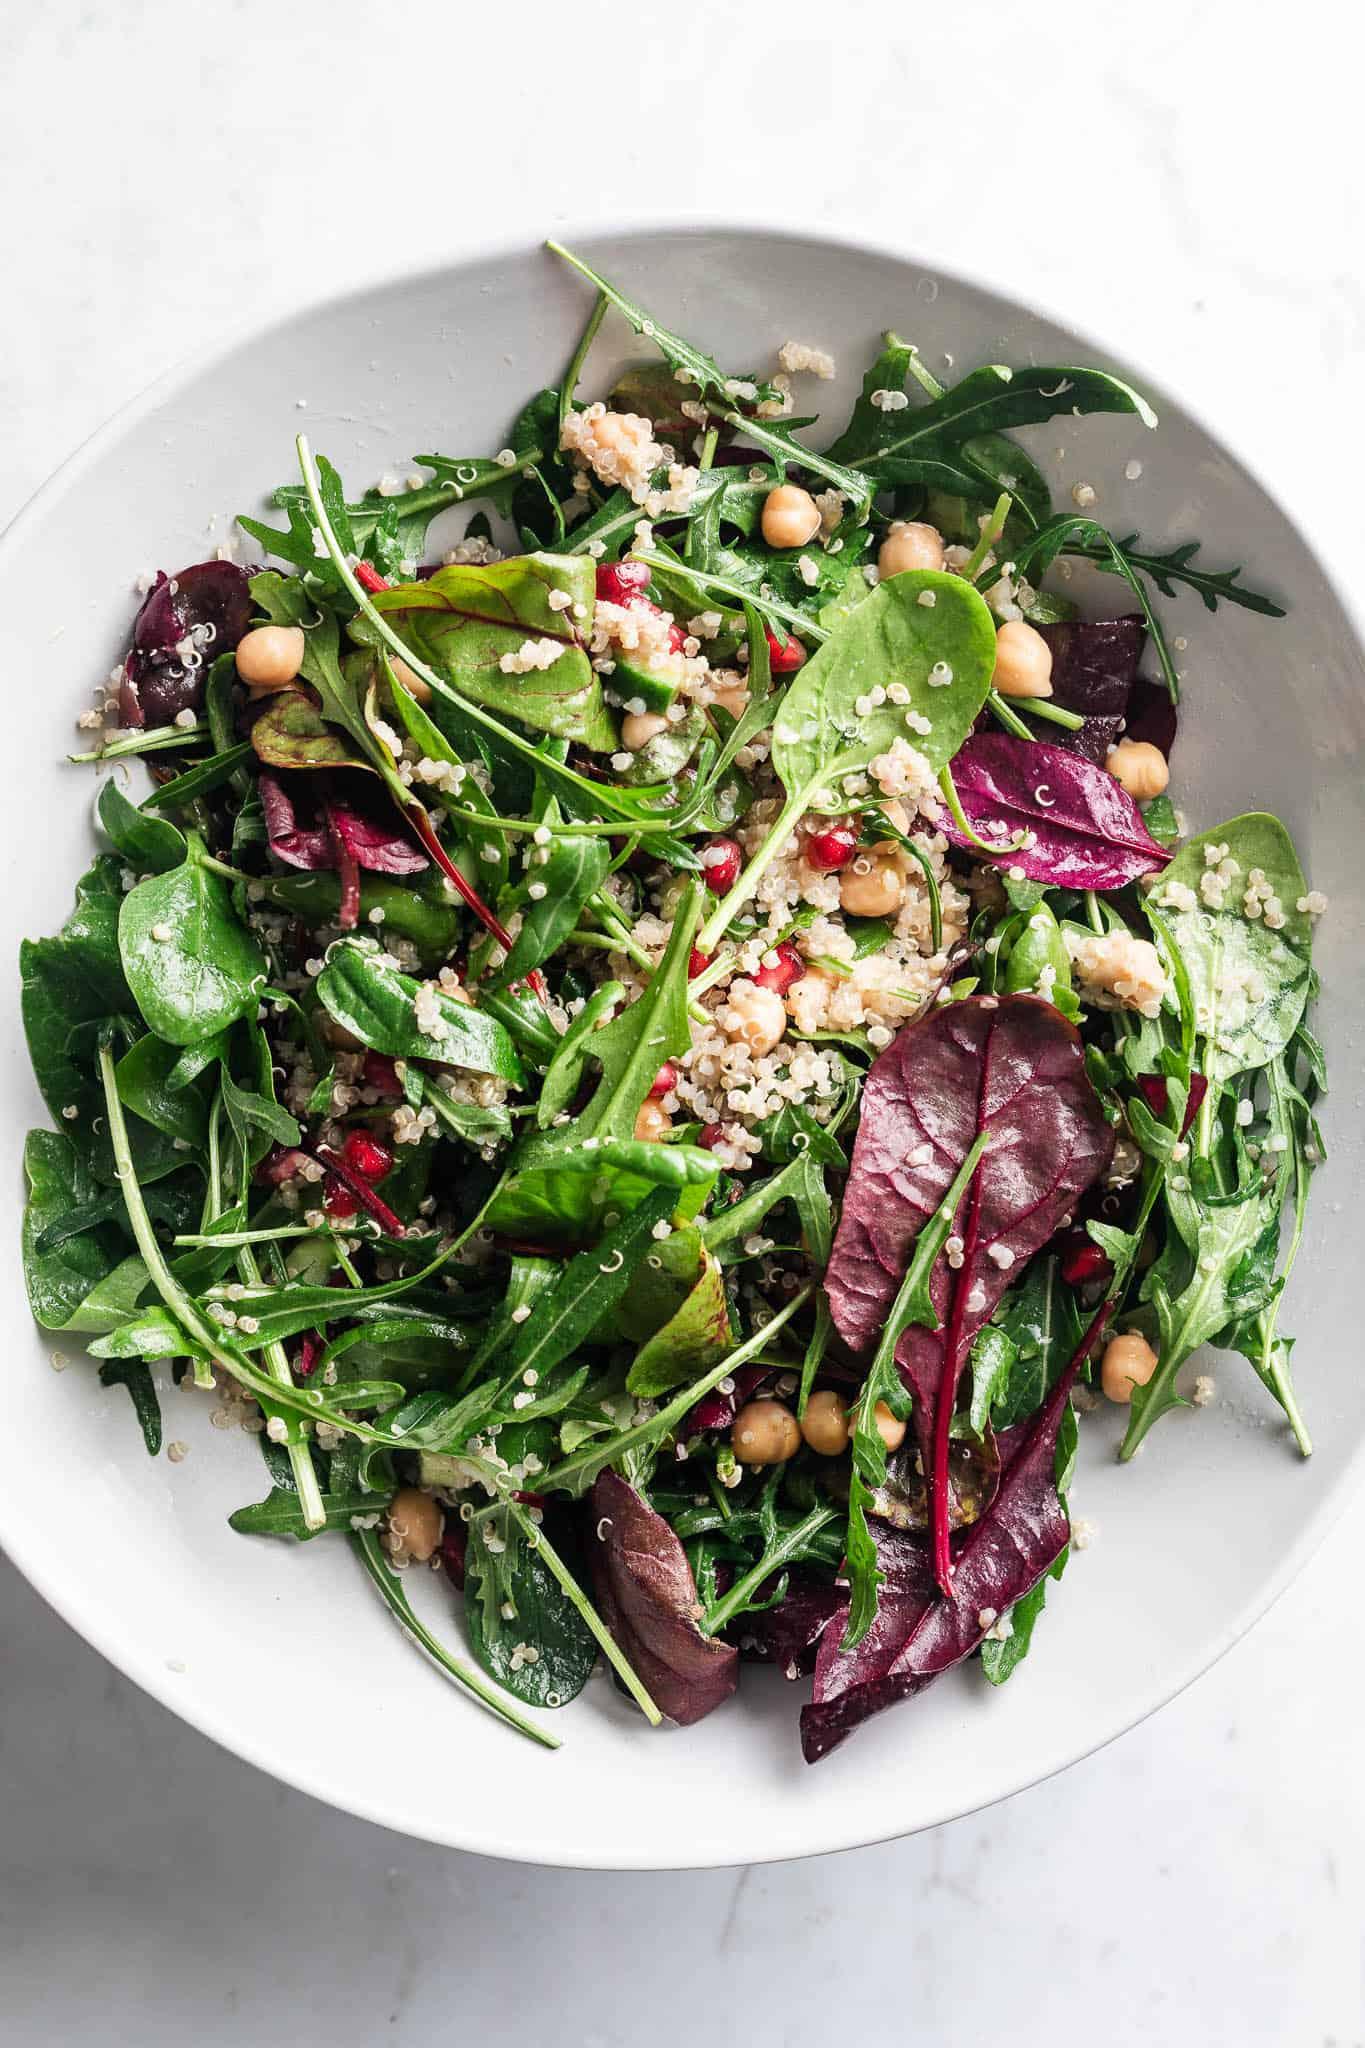 Quinoasalat med kikærter og granatæble - salat med quinoa